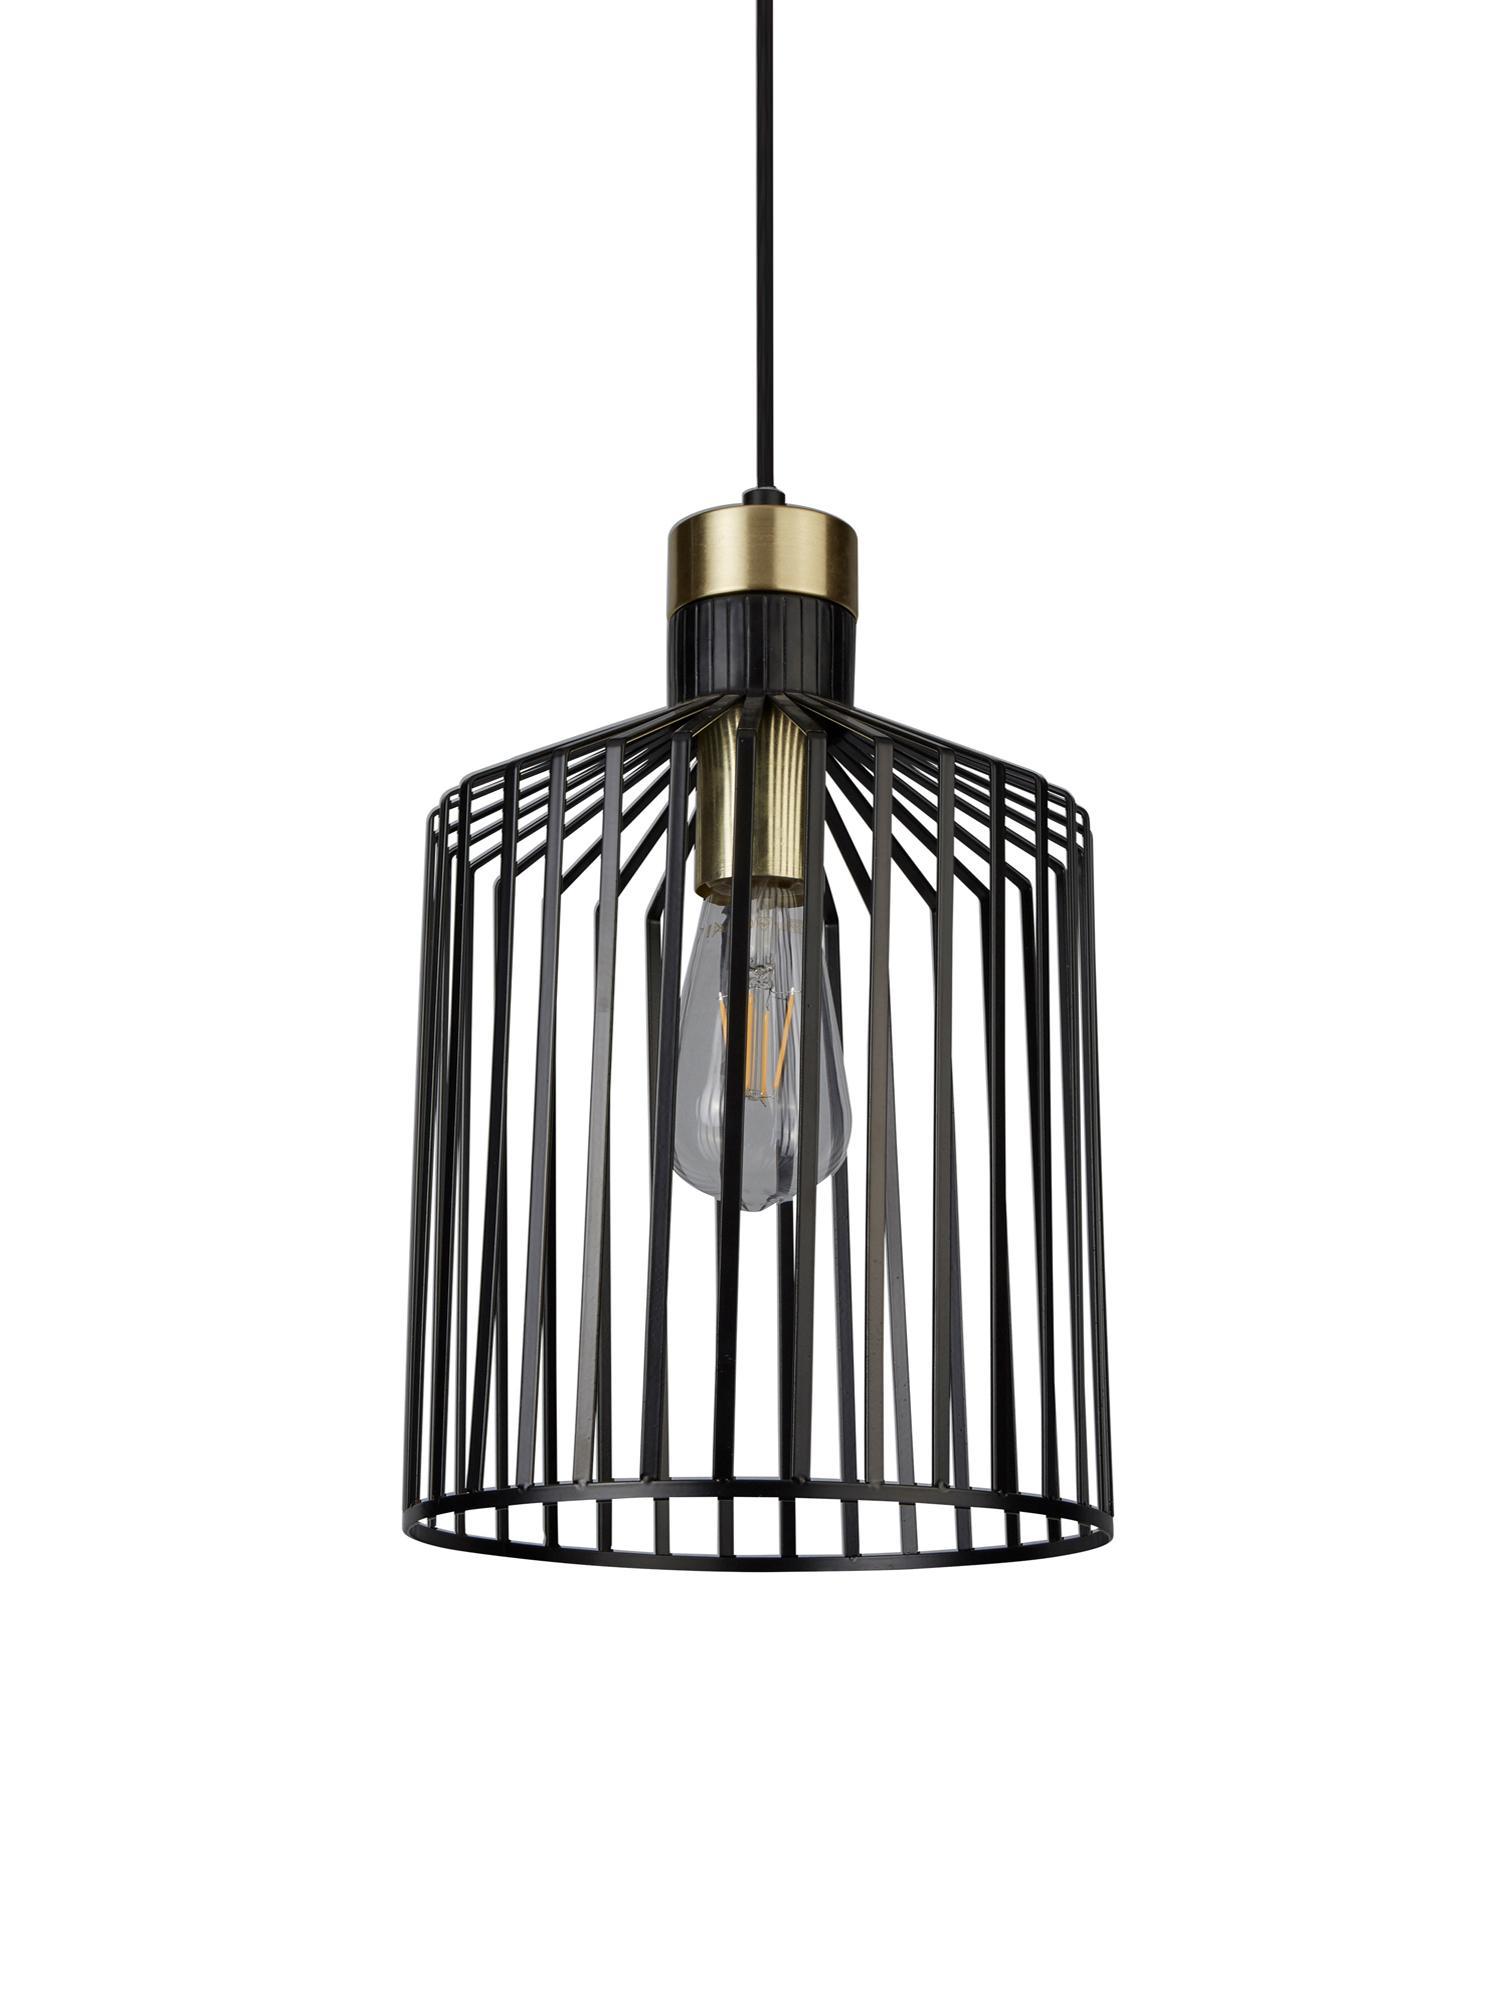 Kleine Pendelleuchte Bird Cage, Metall, beschichtet, Schwarz, Goldfarben, Ø 22 x H 36 cm